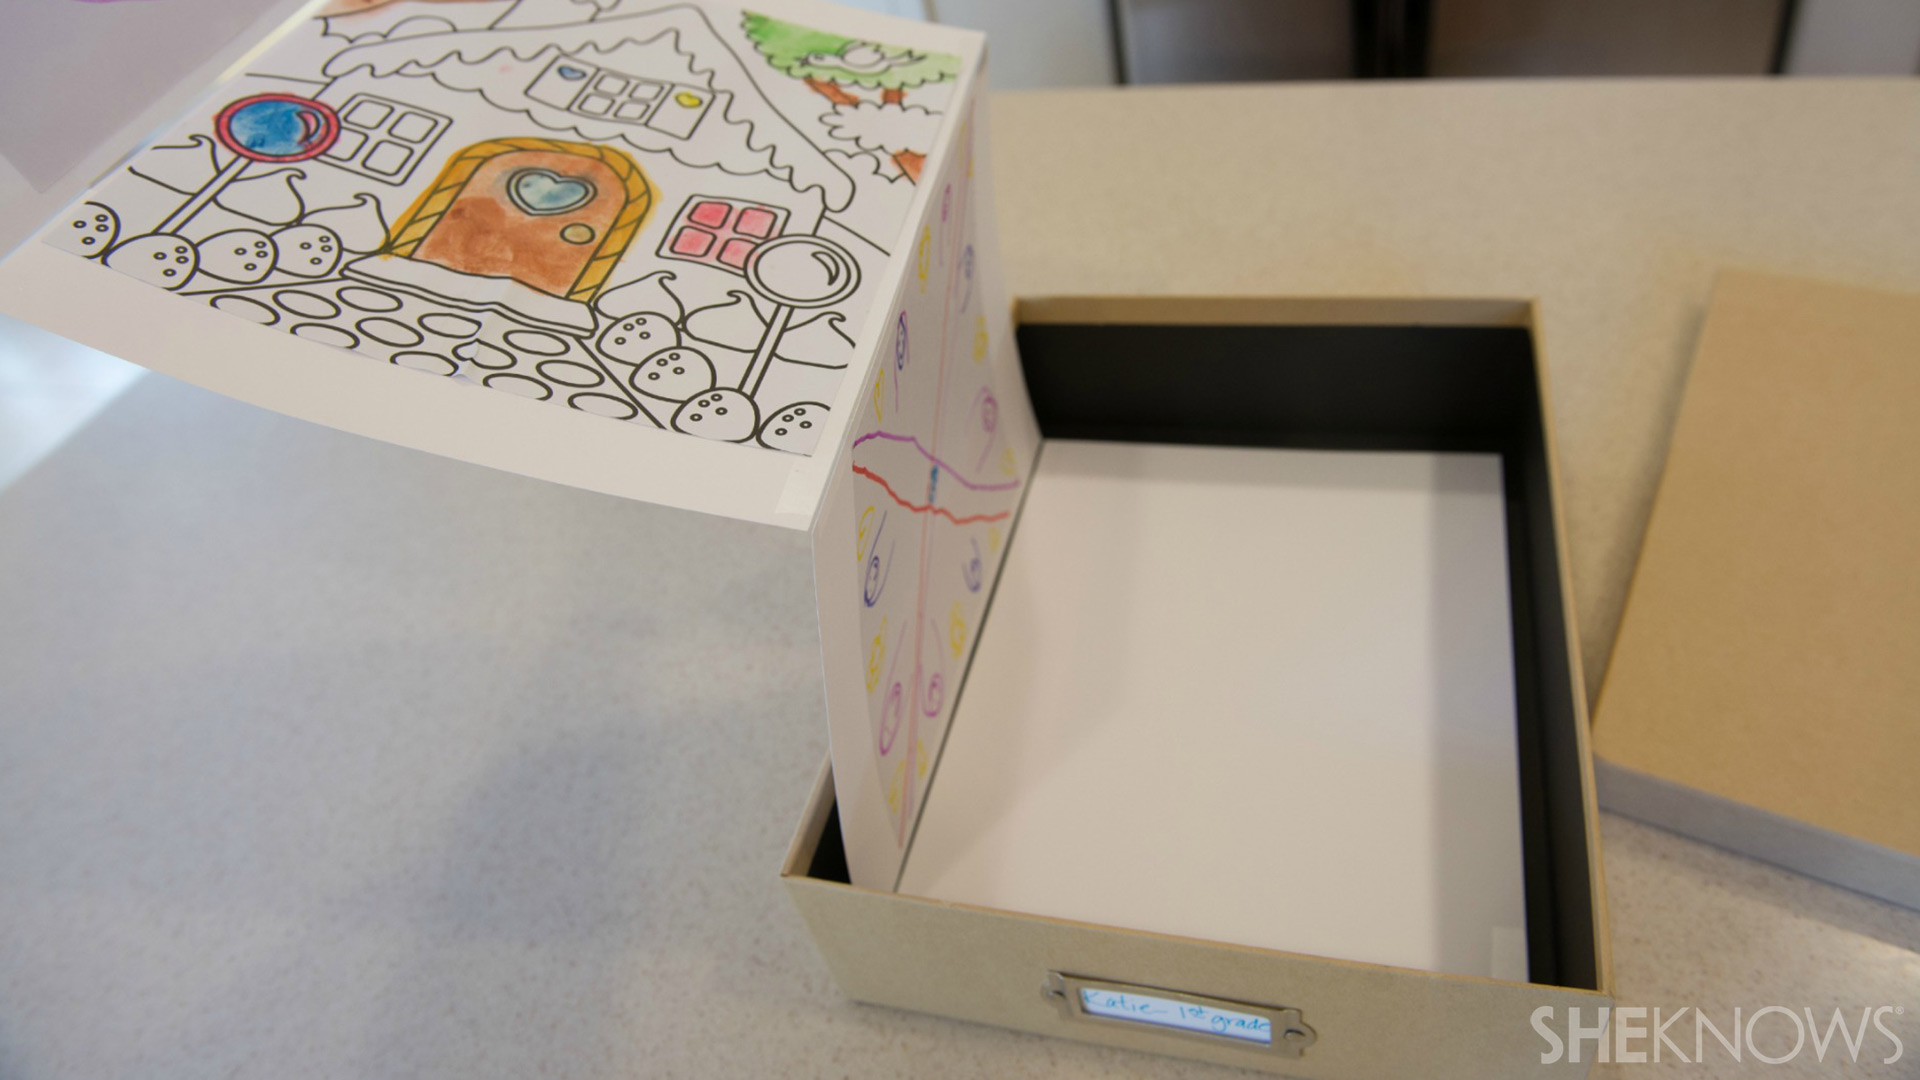 School project storage box   Sheknows.com - attach to box